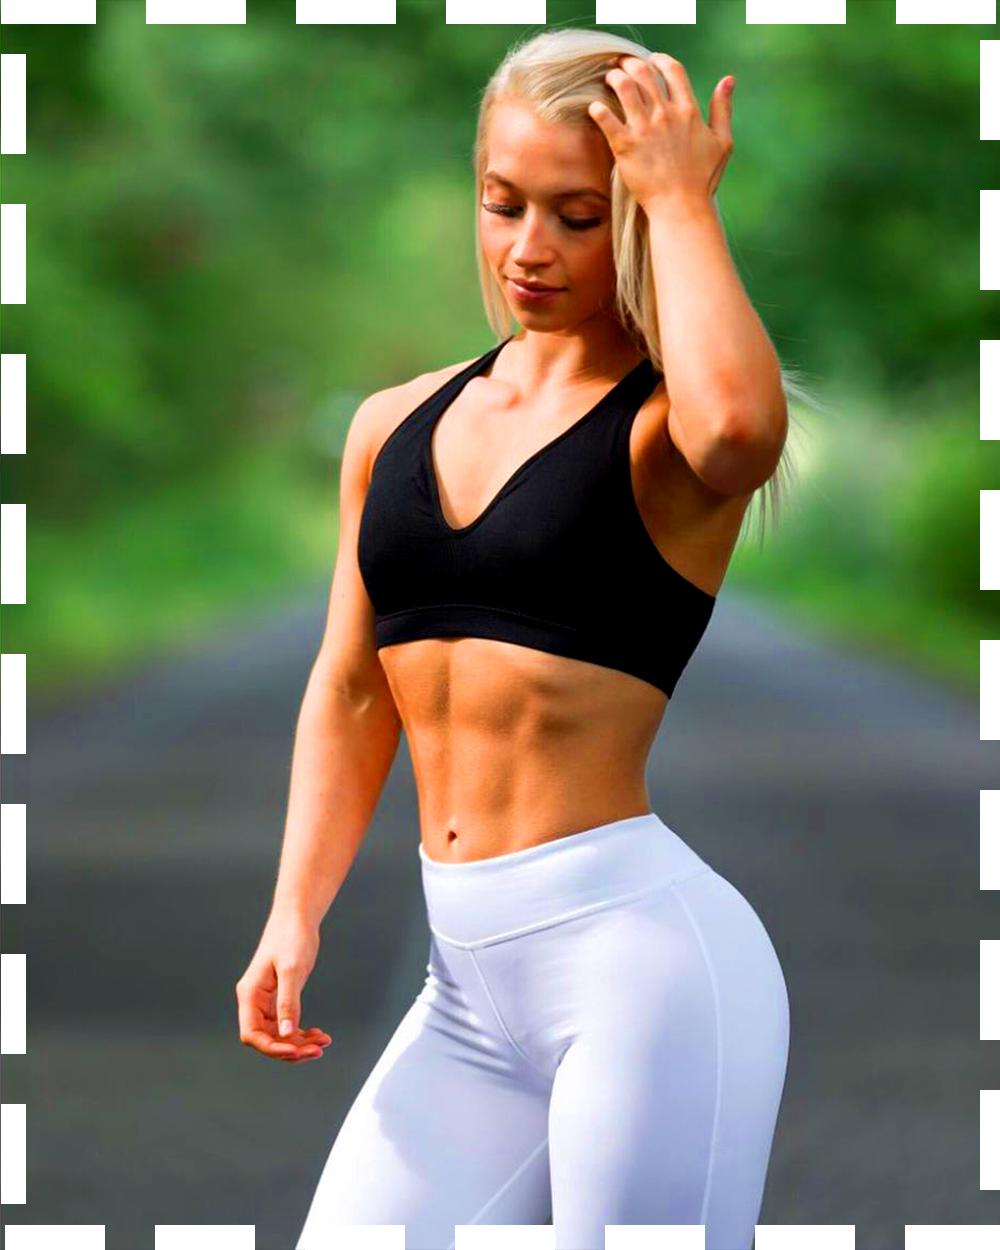 Fitness Trainers XXX